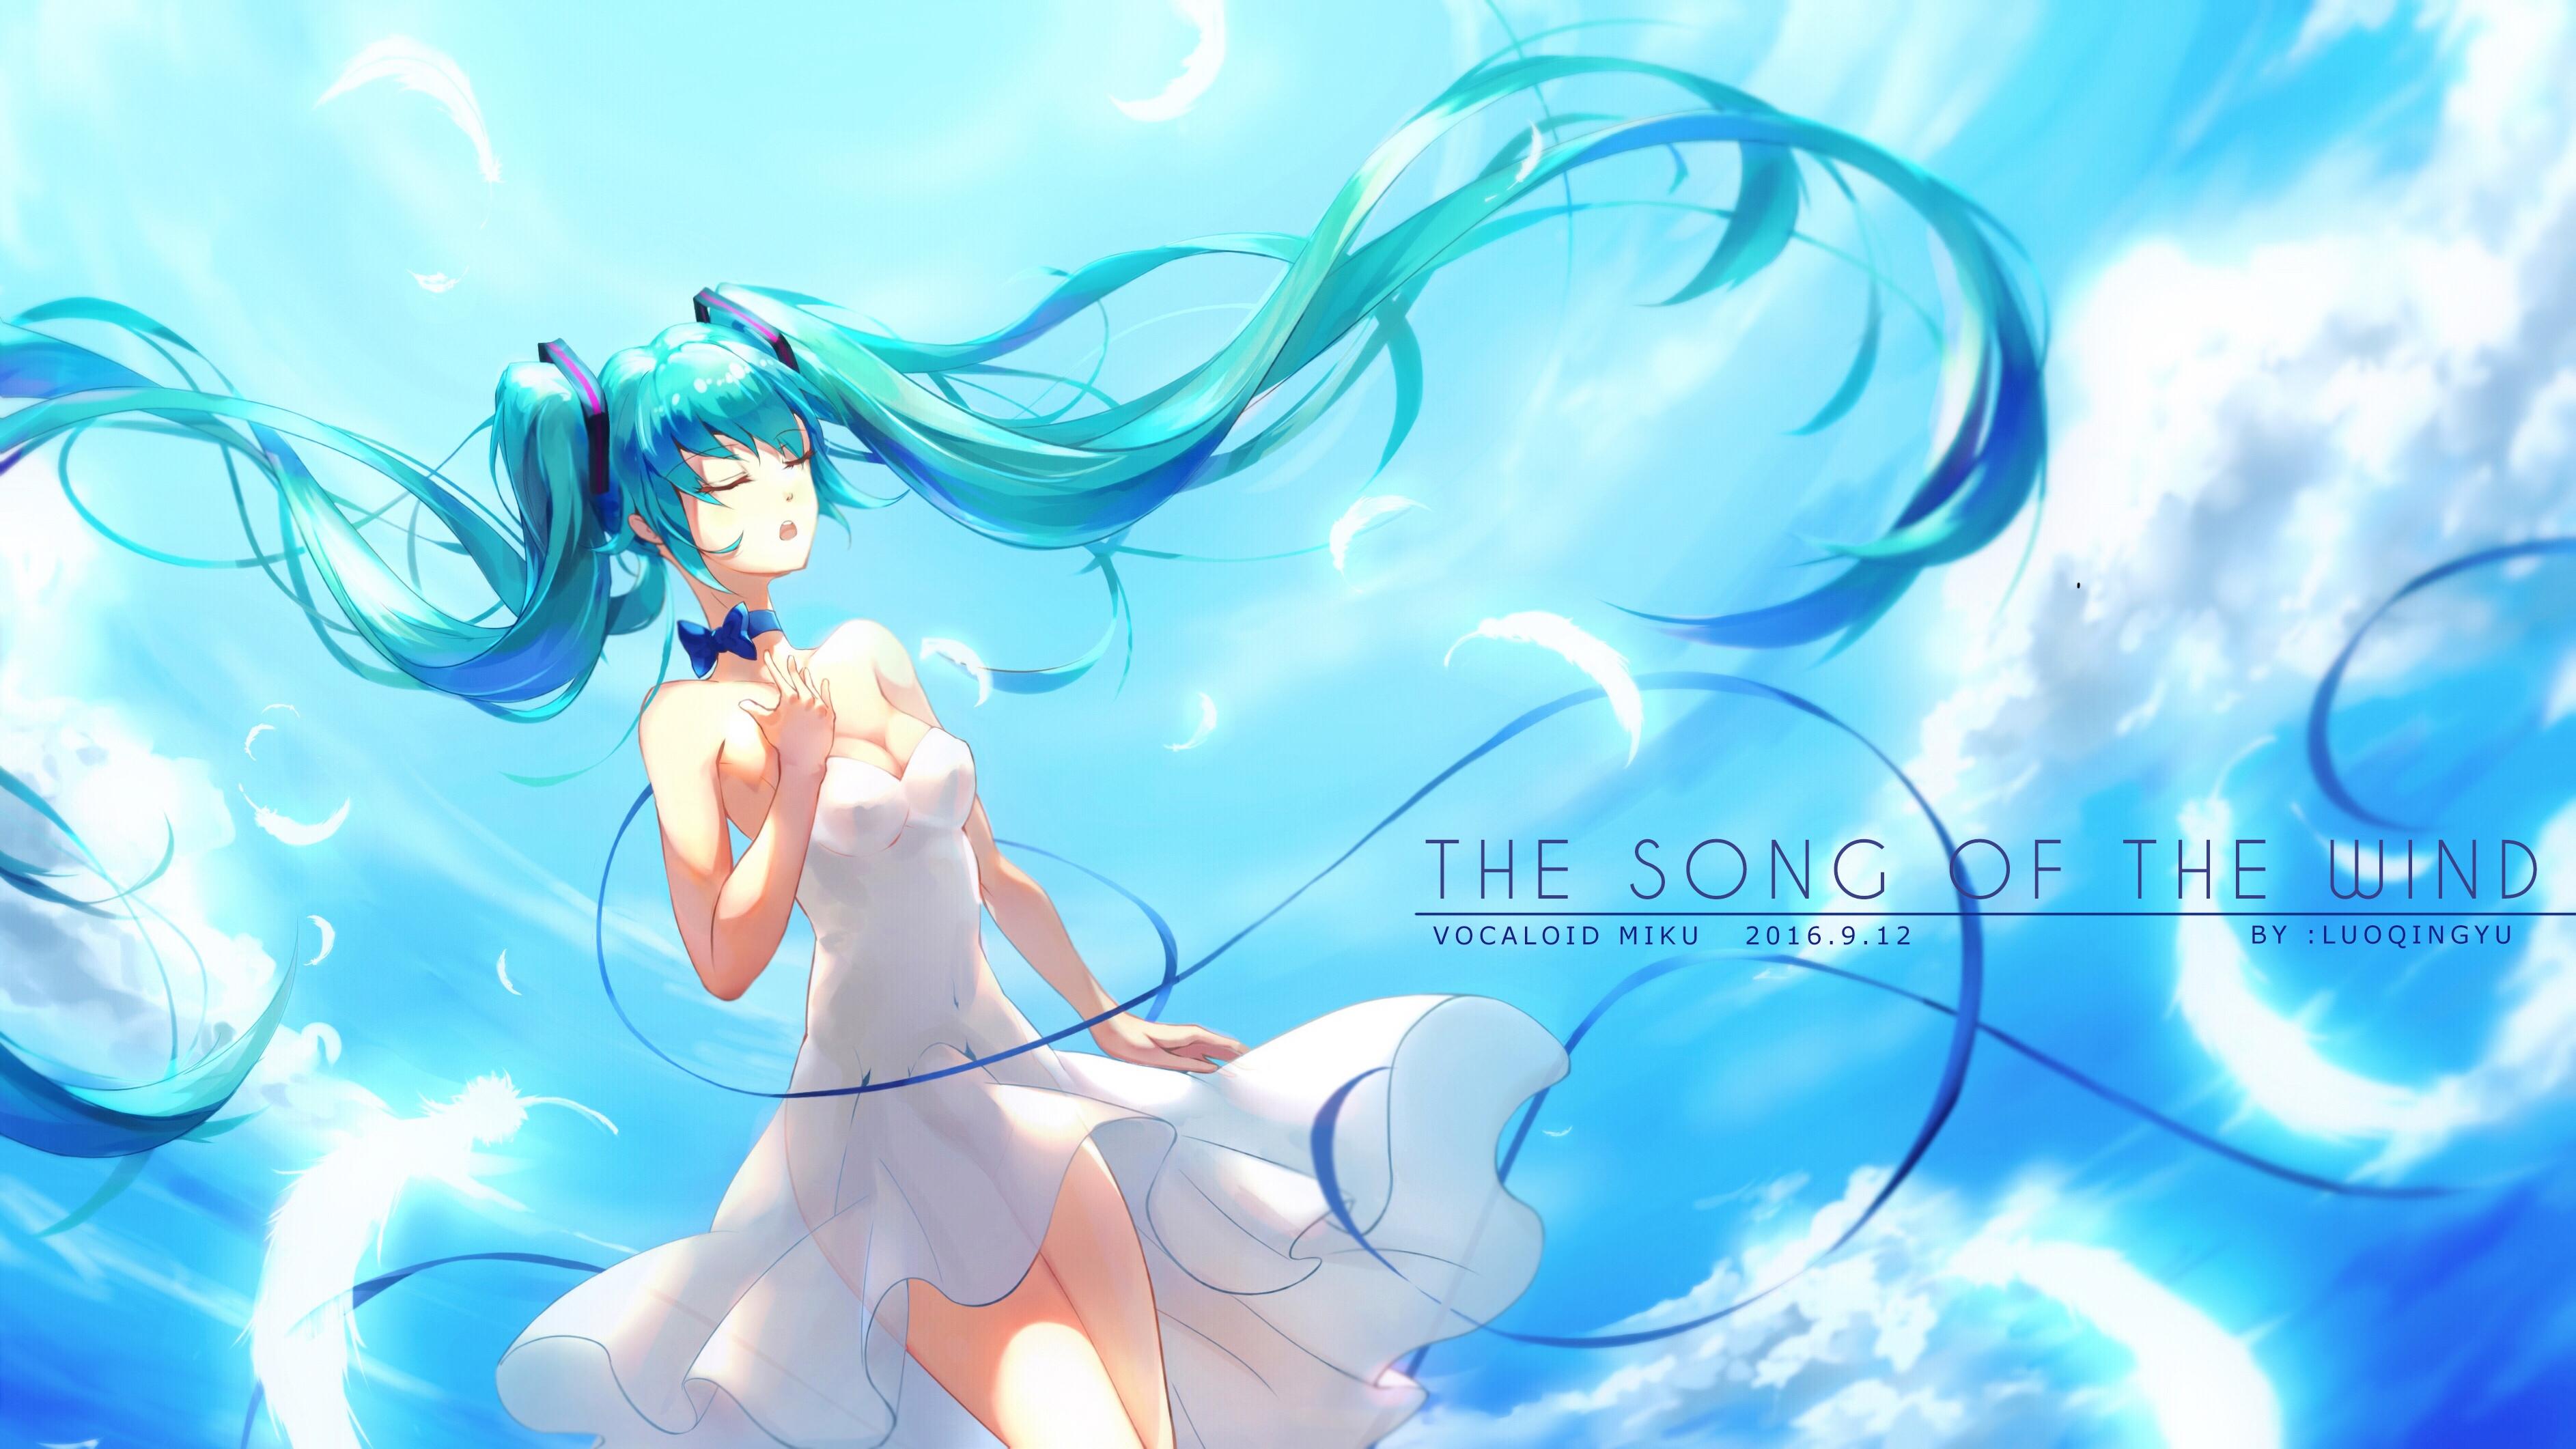 風の歌 by Luo Qingyu (洛青羽)